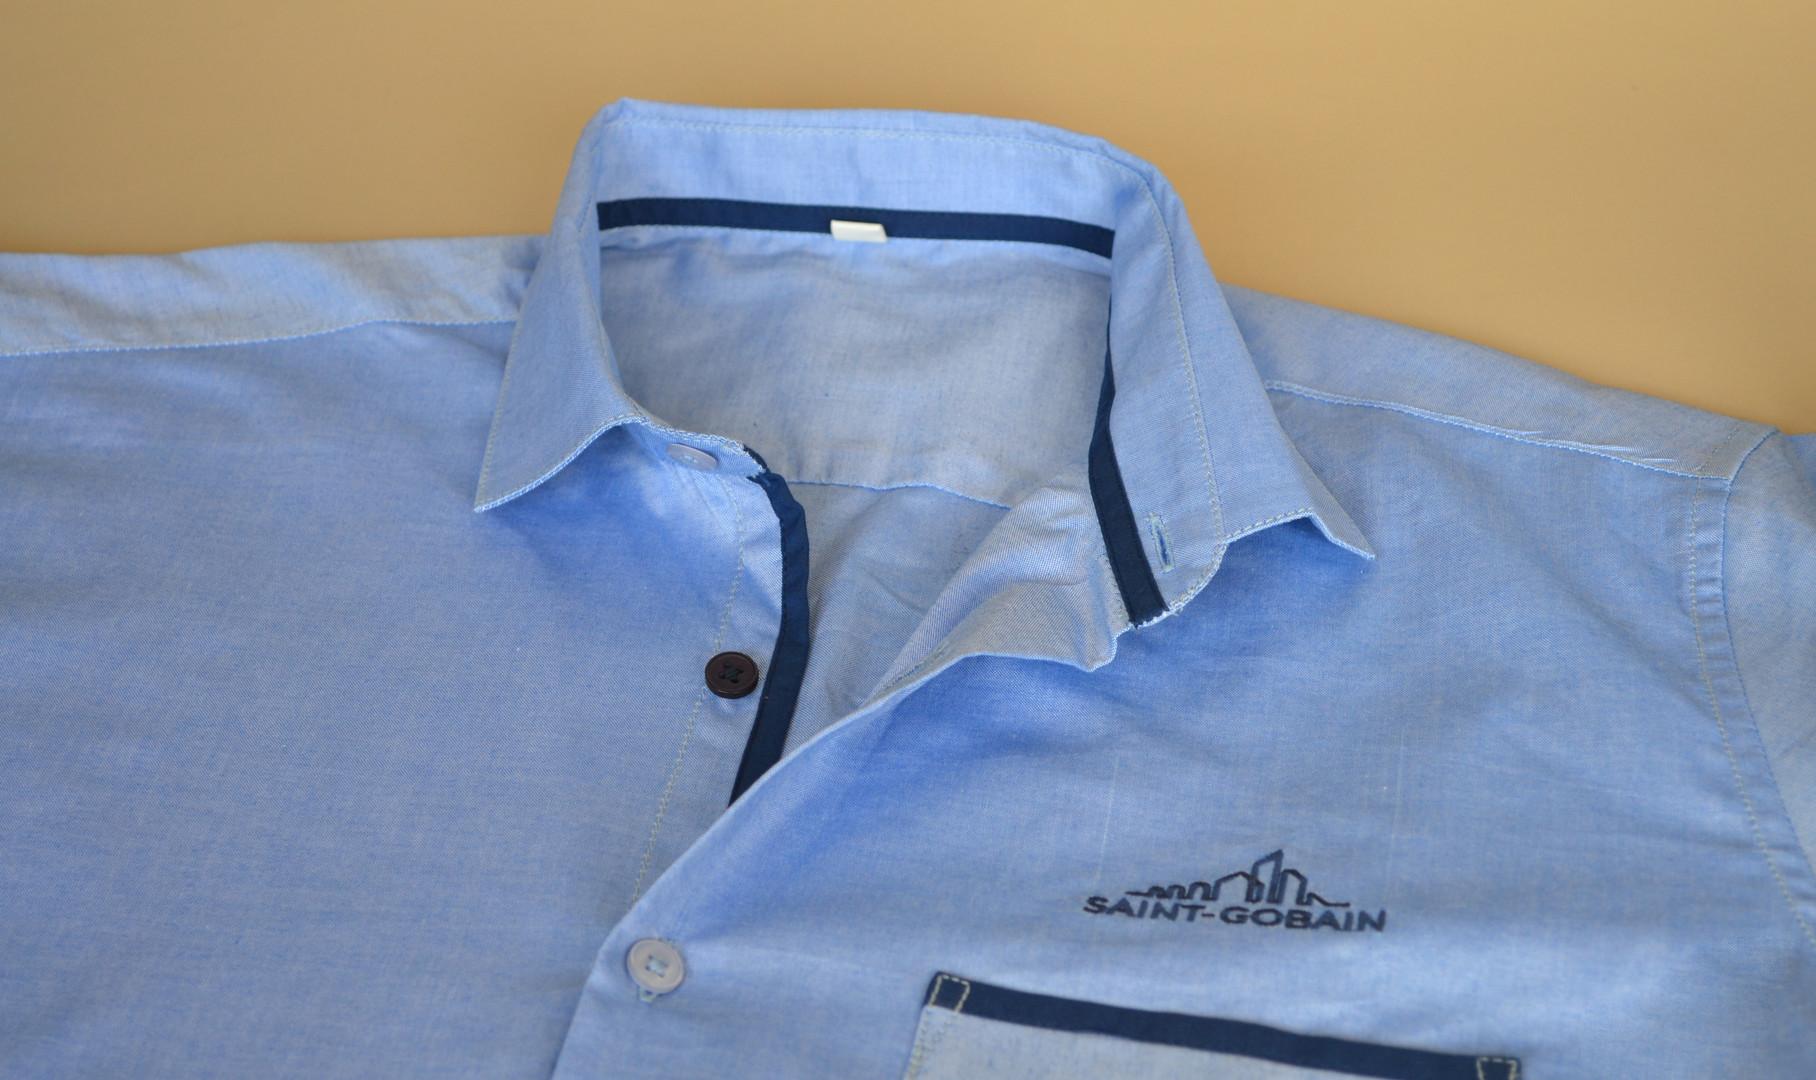 St. Gobain Shirts